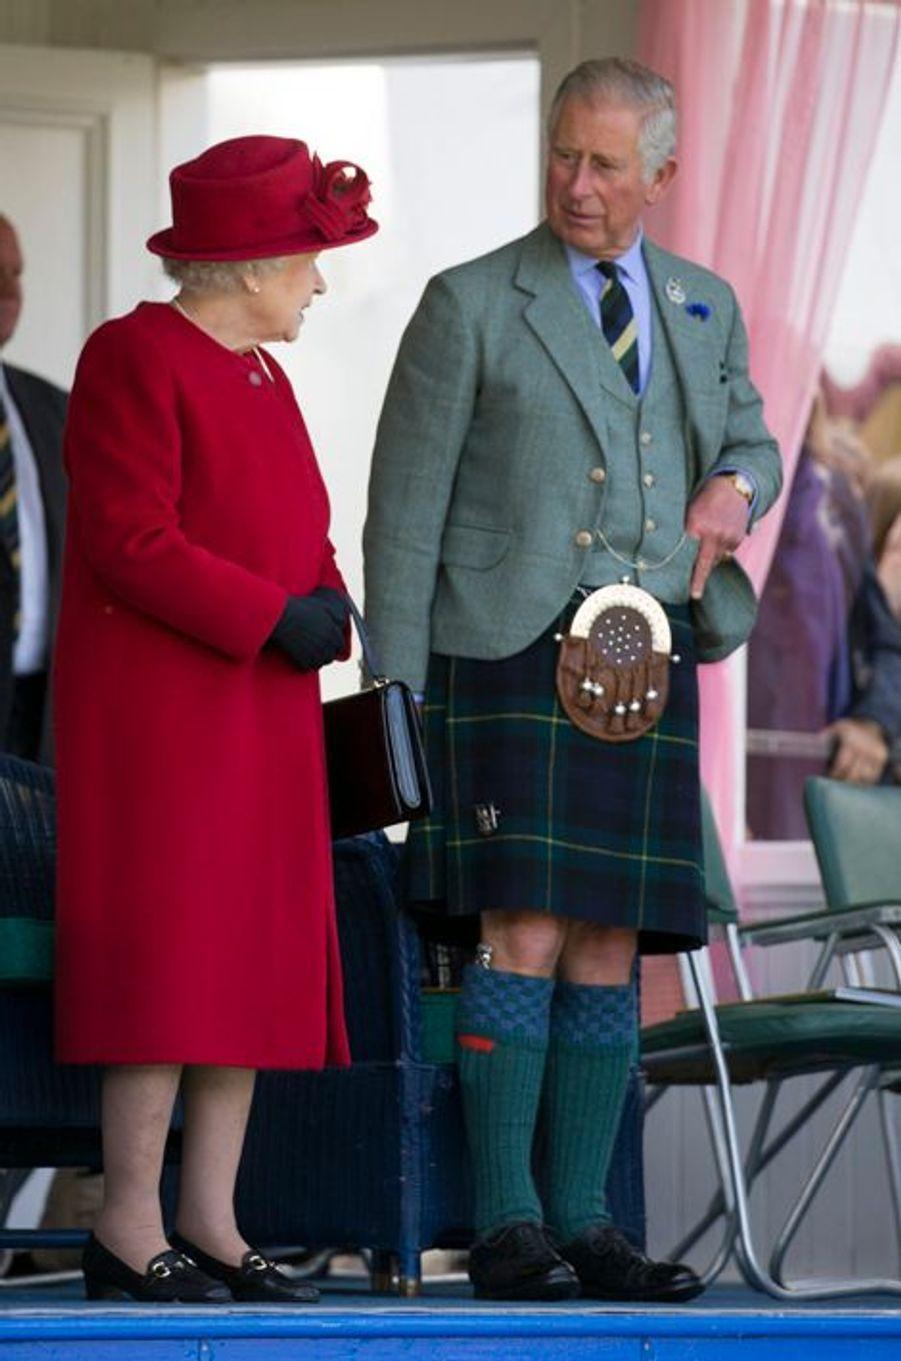 La reine Elizabeth II et le prince Charles au Braemar Gathering, le 5 septembre 2015